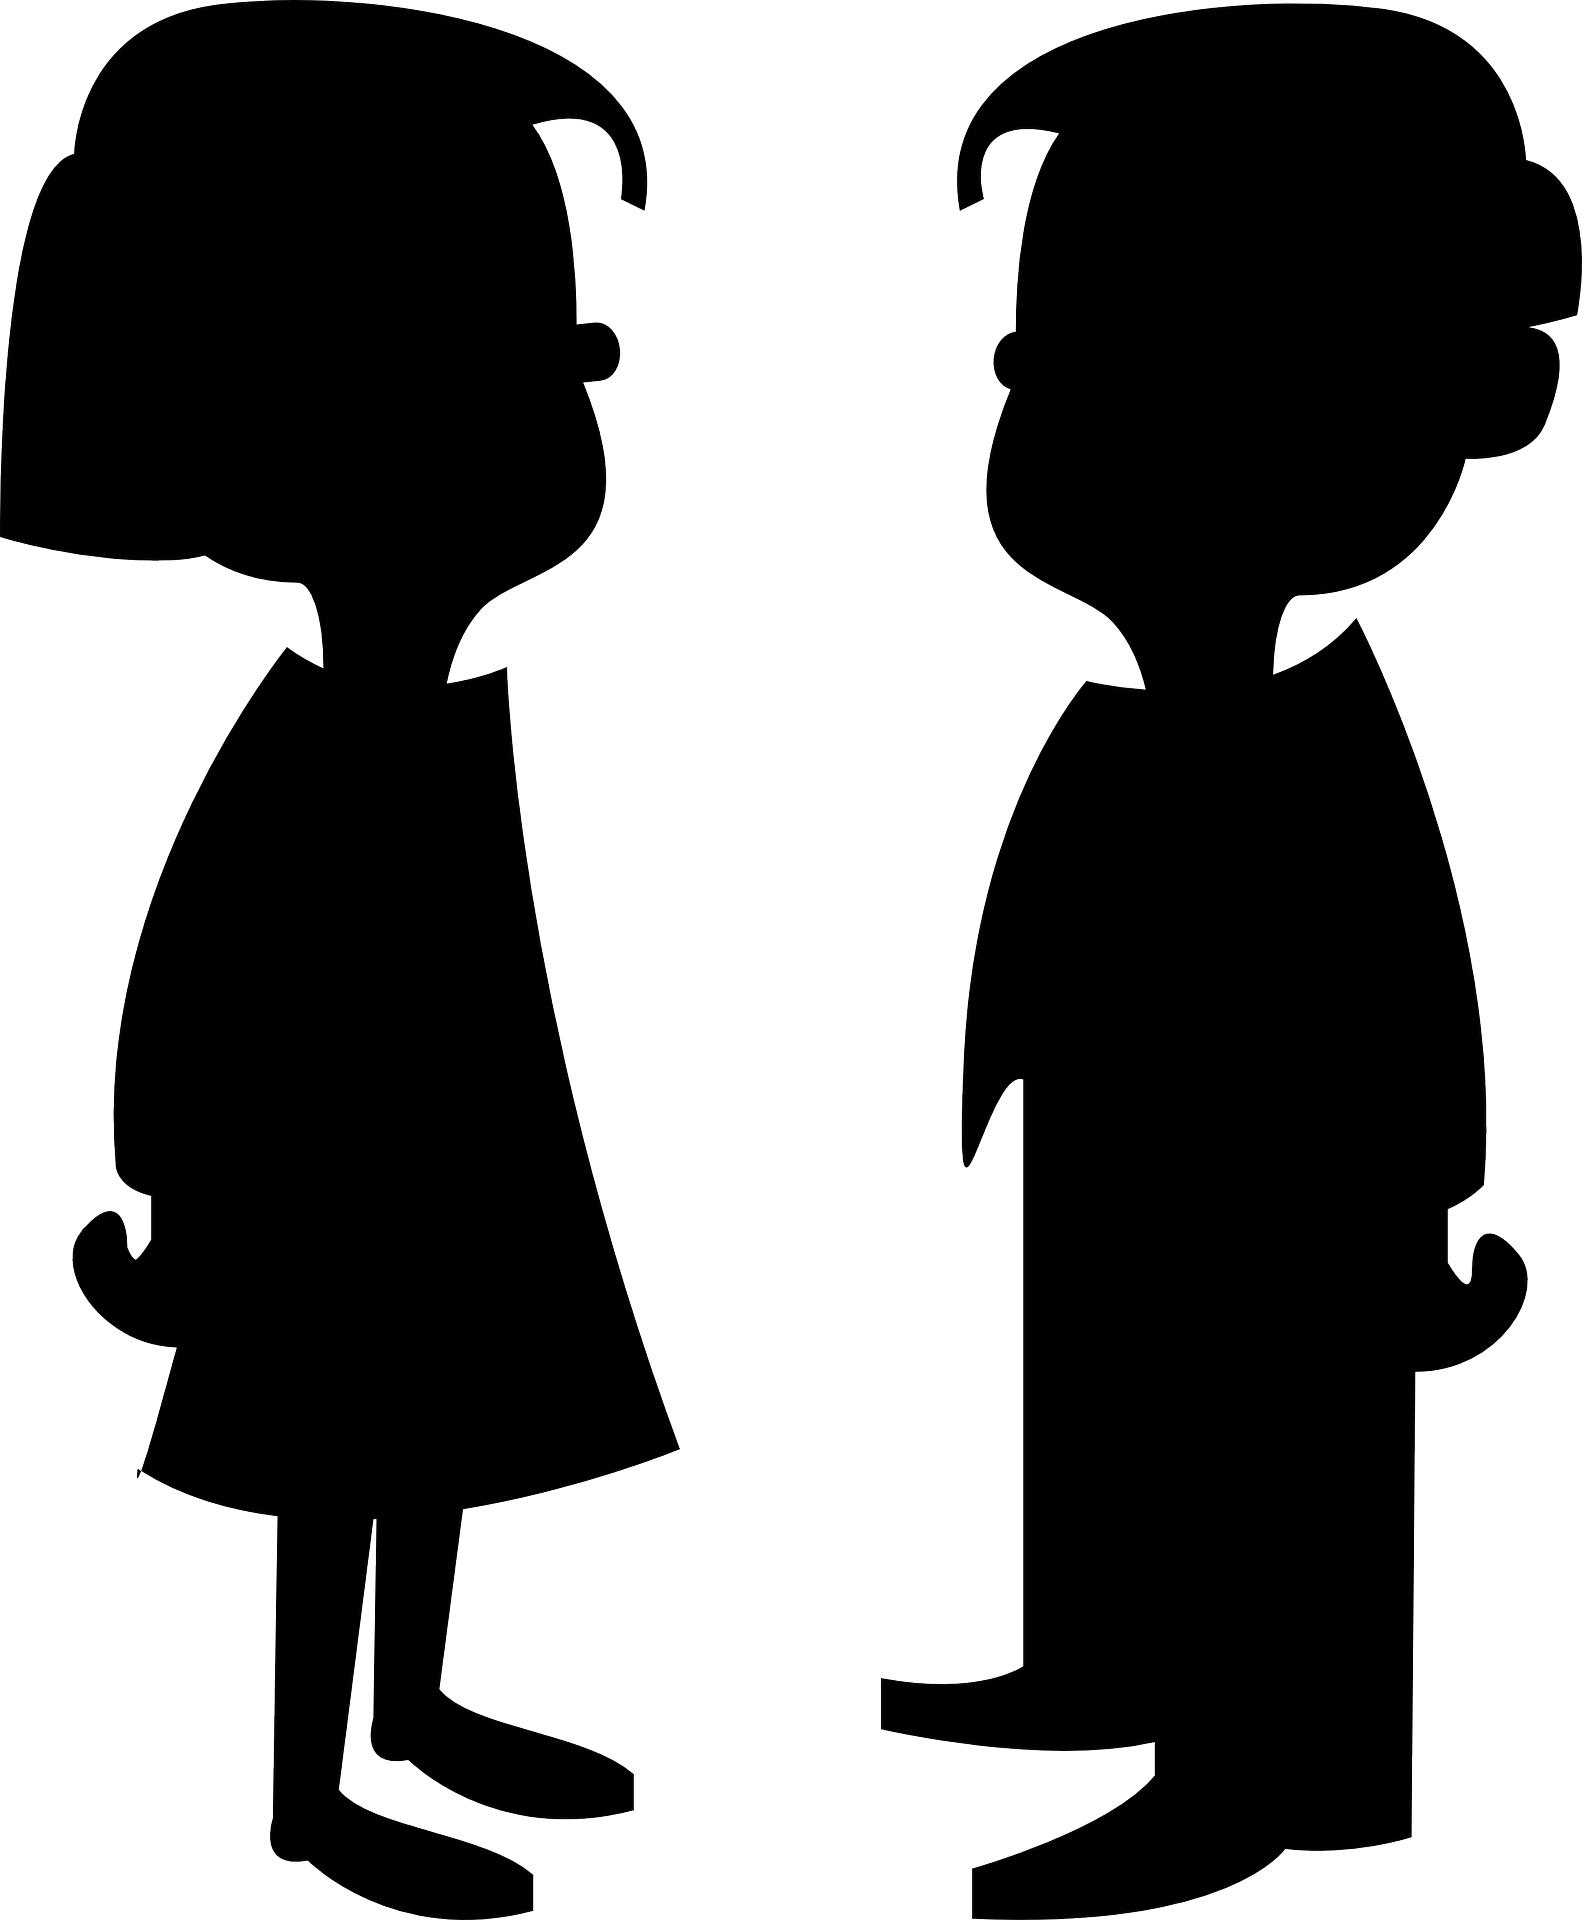 children girl & boy outline vector